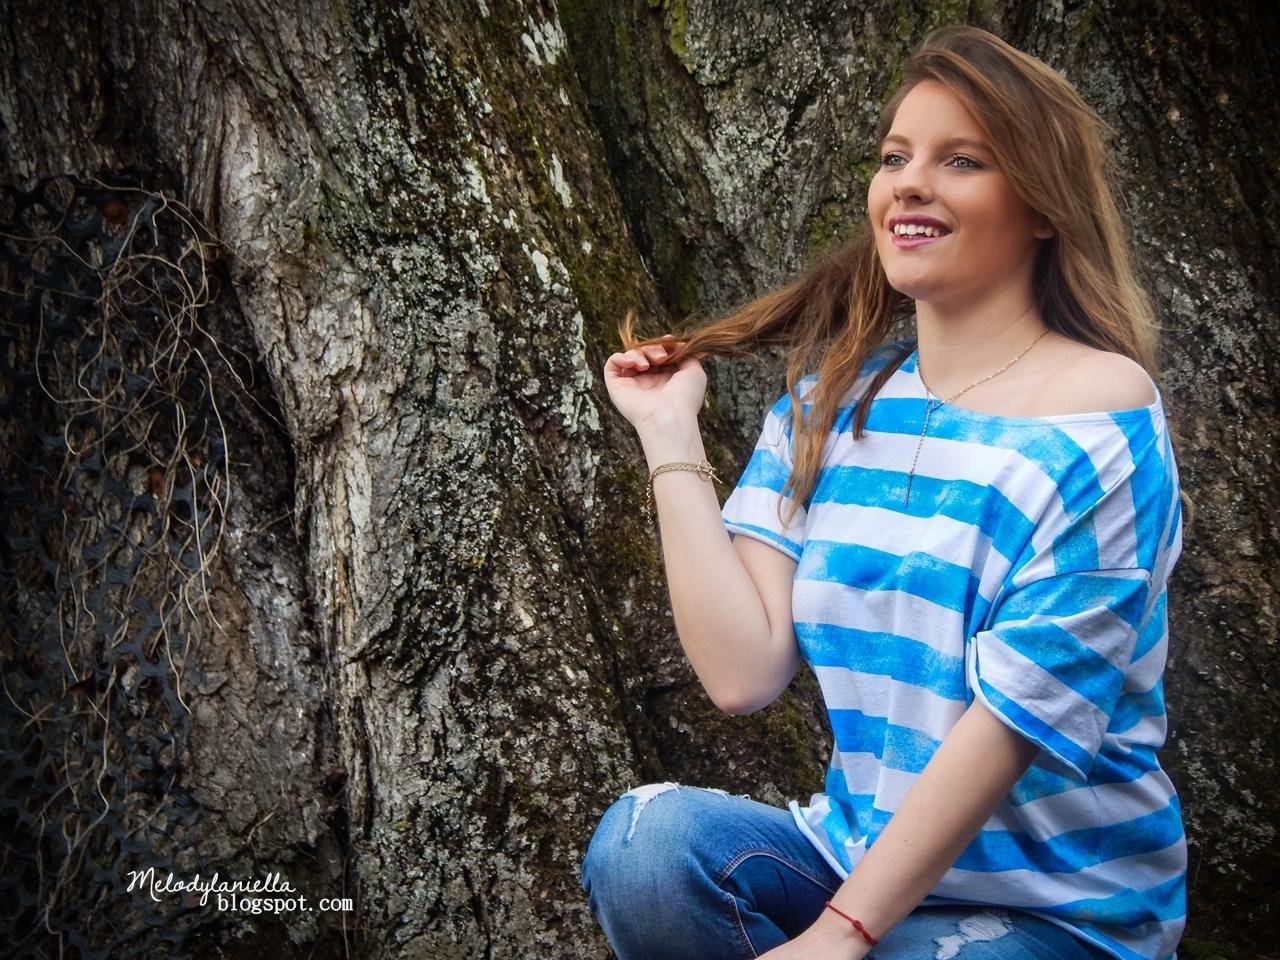 bluzka w paski niebieska bonprix tshirt koszulka zakupy haul moda fashion style